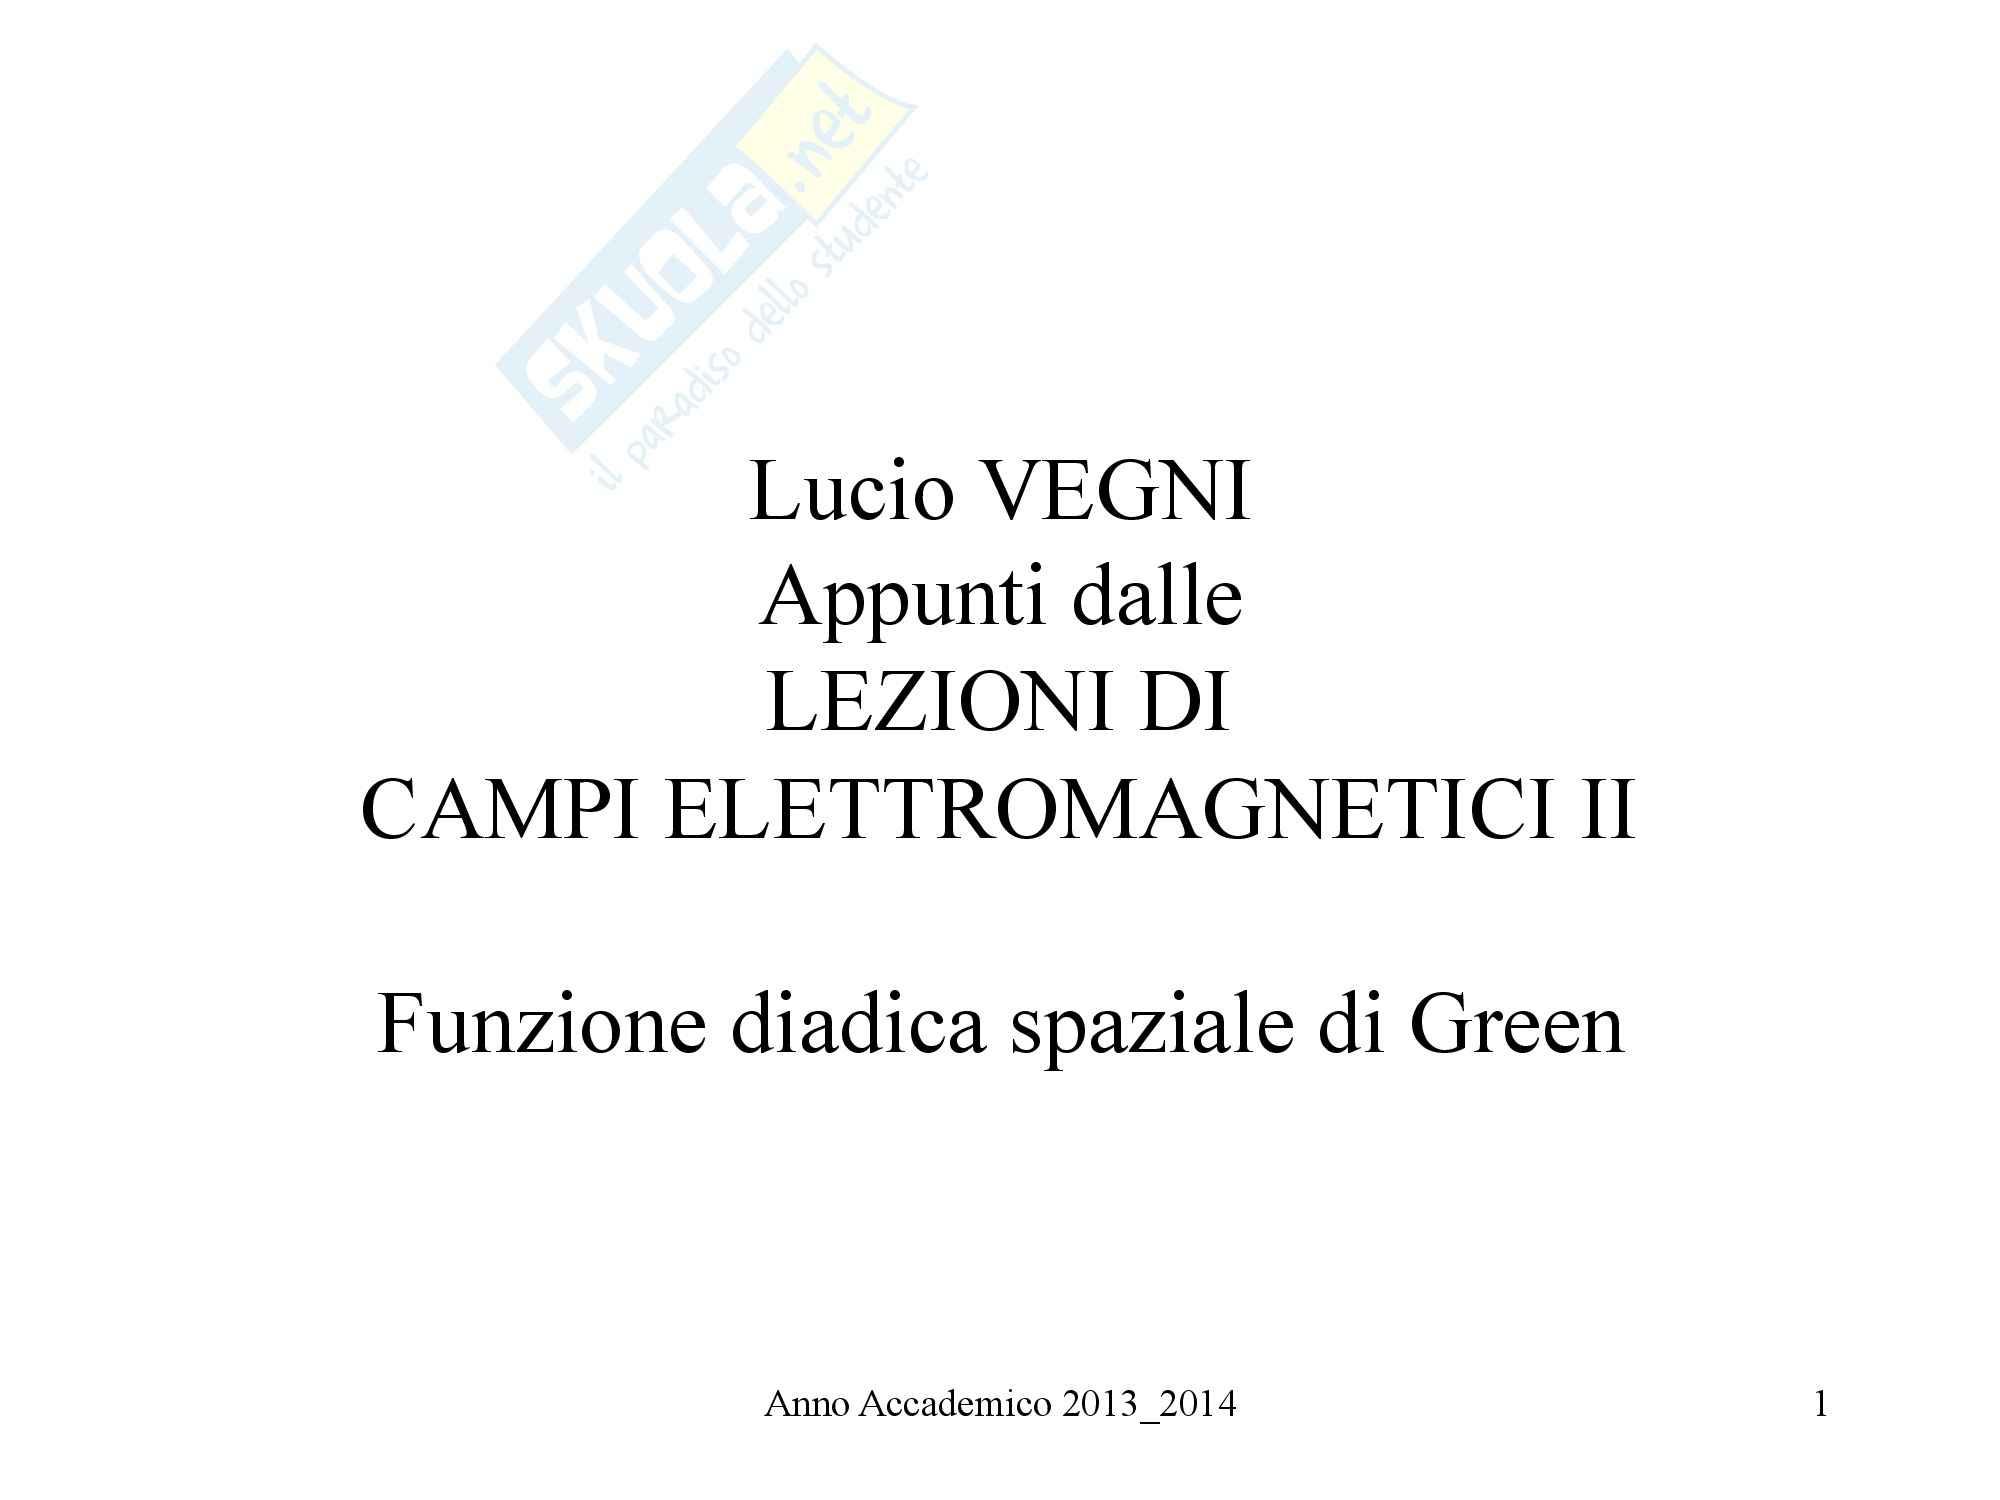 Campi Elettromagnetici II - Funzione diadica spaziale di Green